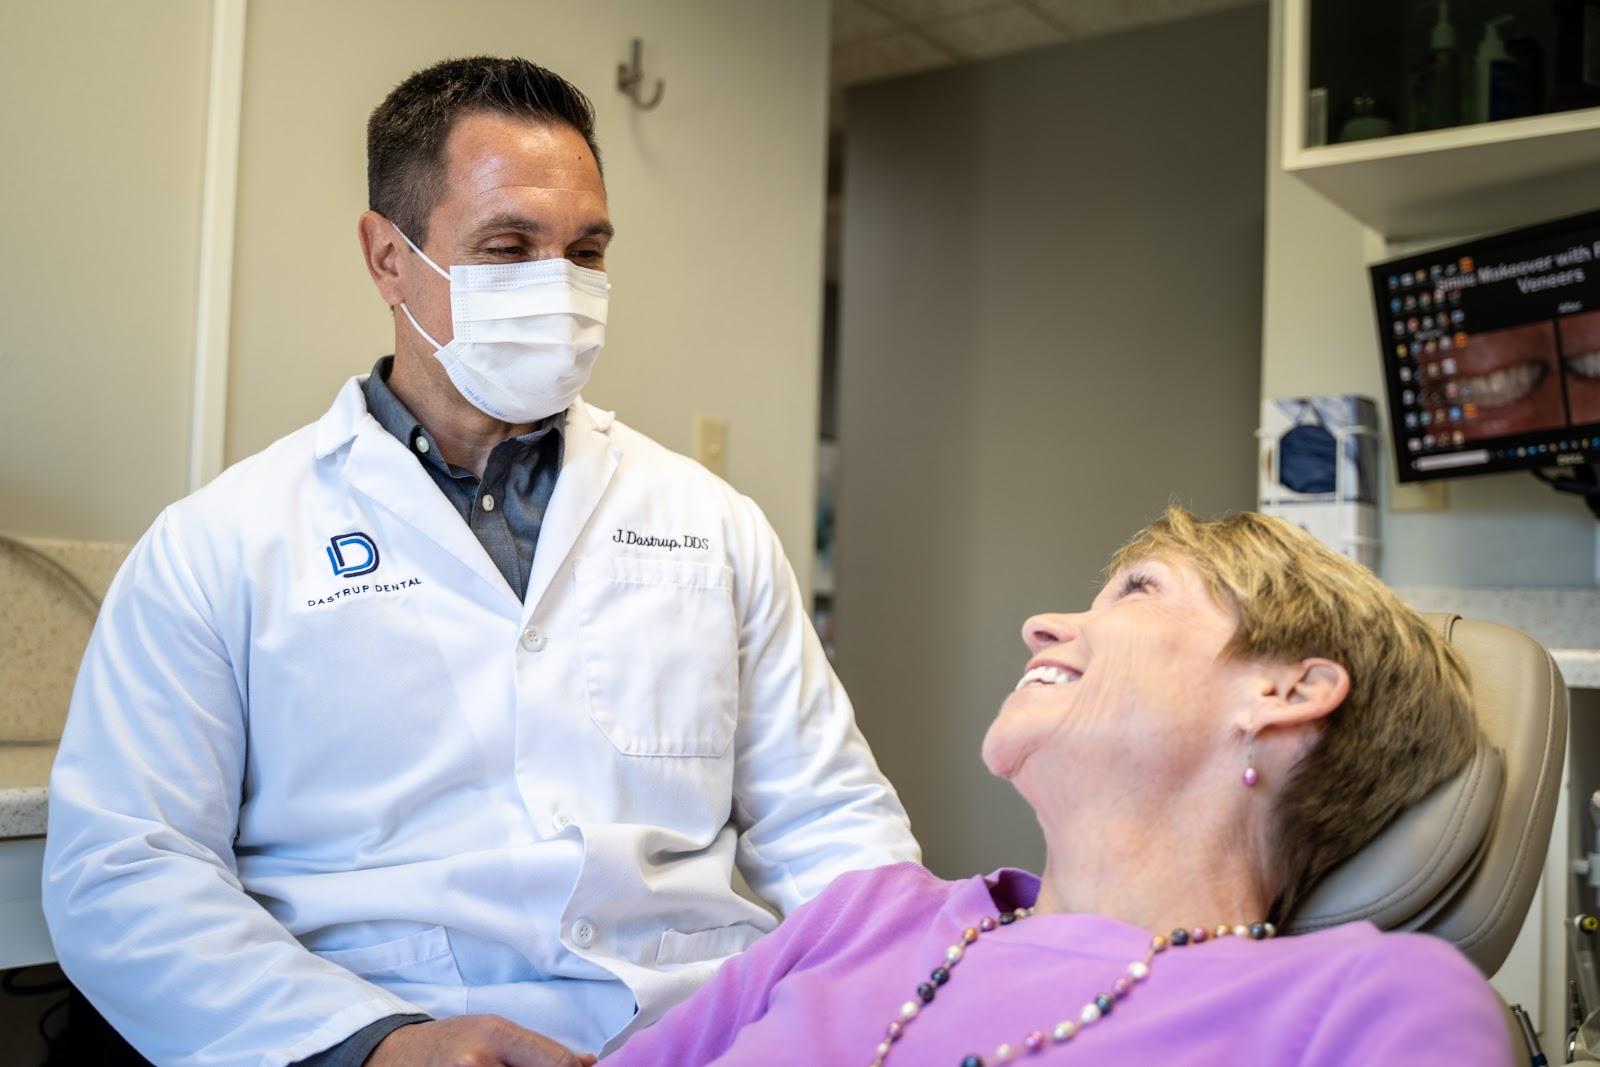 Dastrup Dental, a Dentist in Davidson